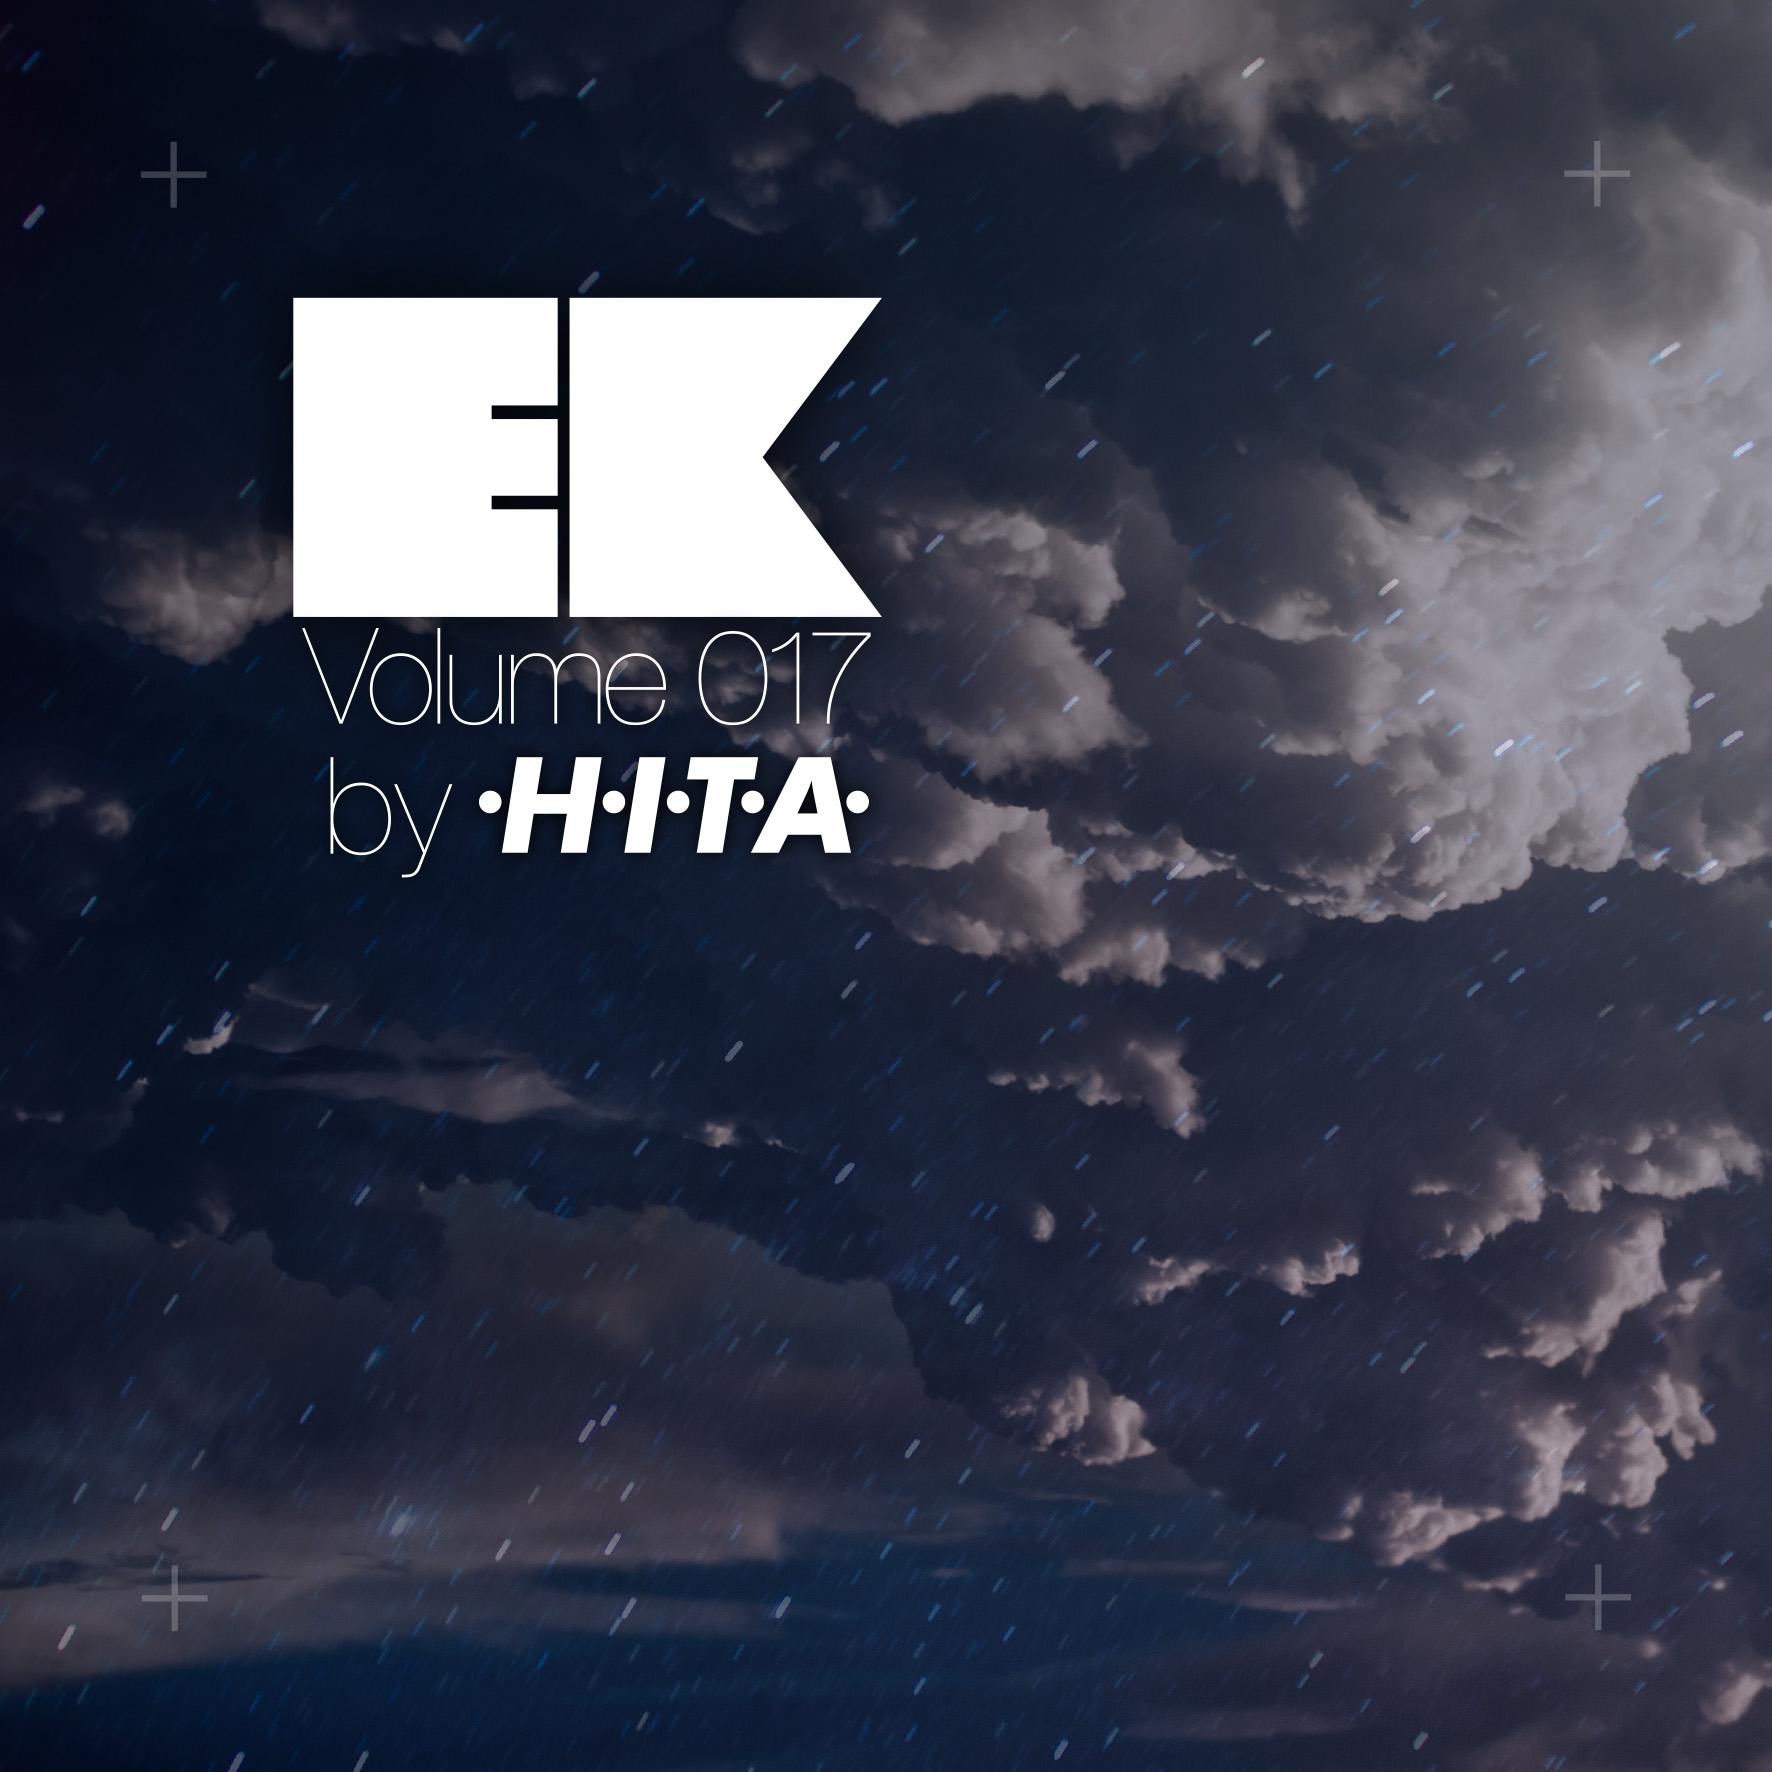 EK Vol 017 HITA.jpg